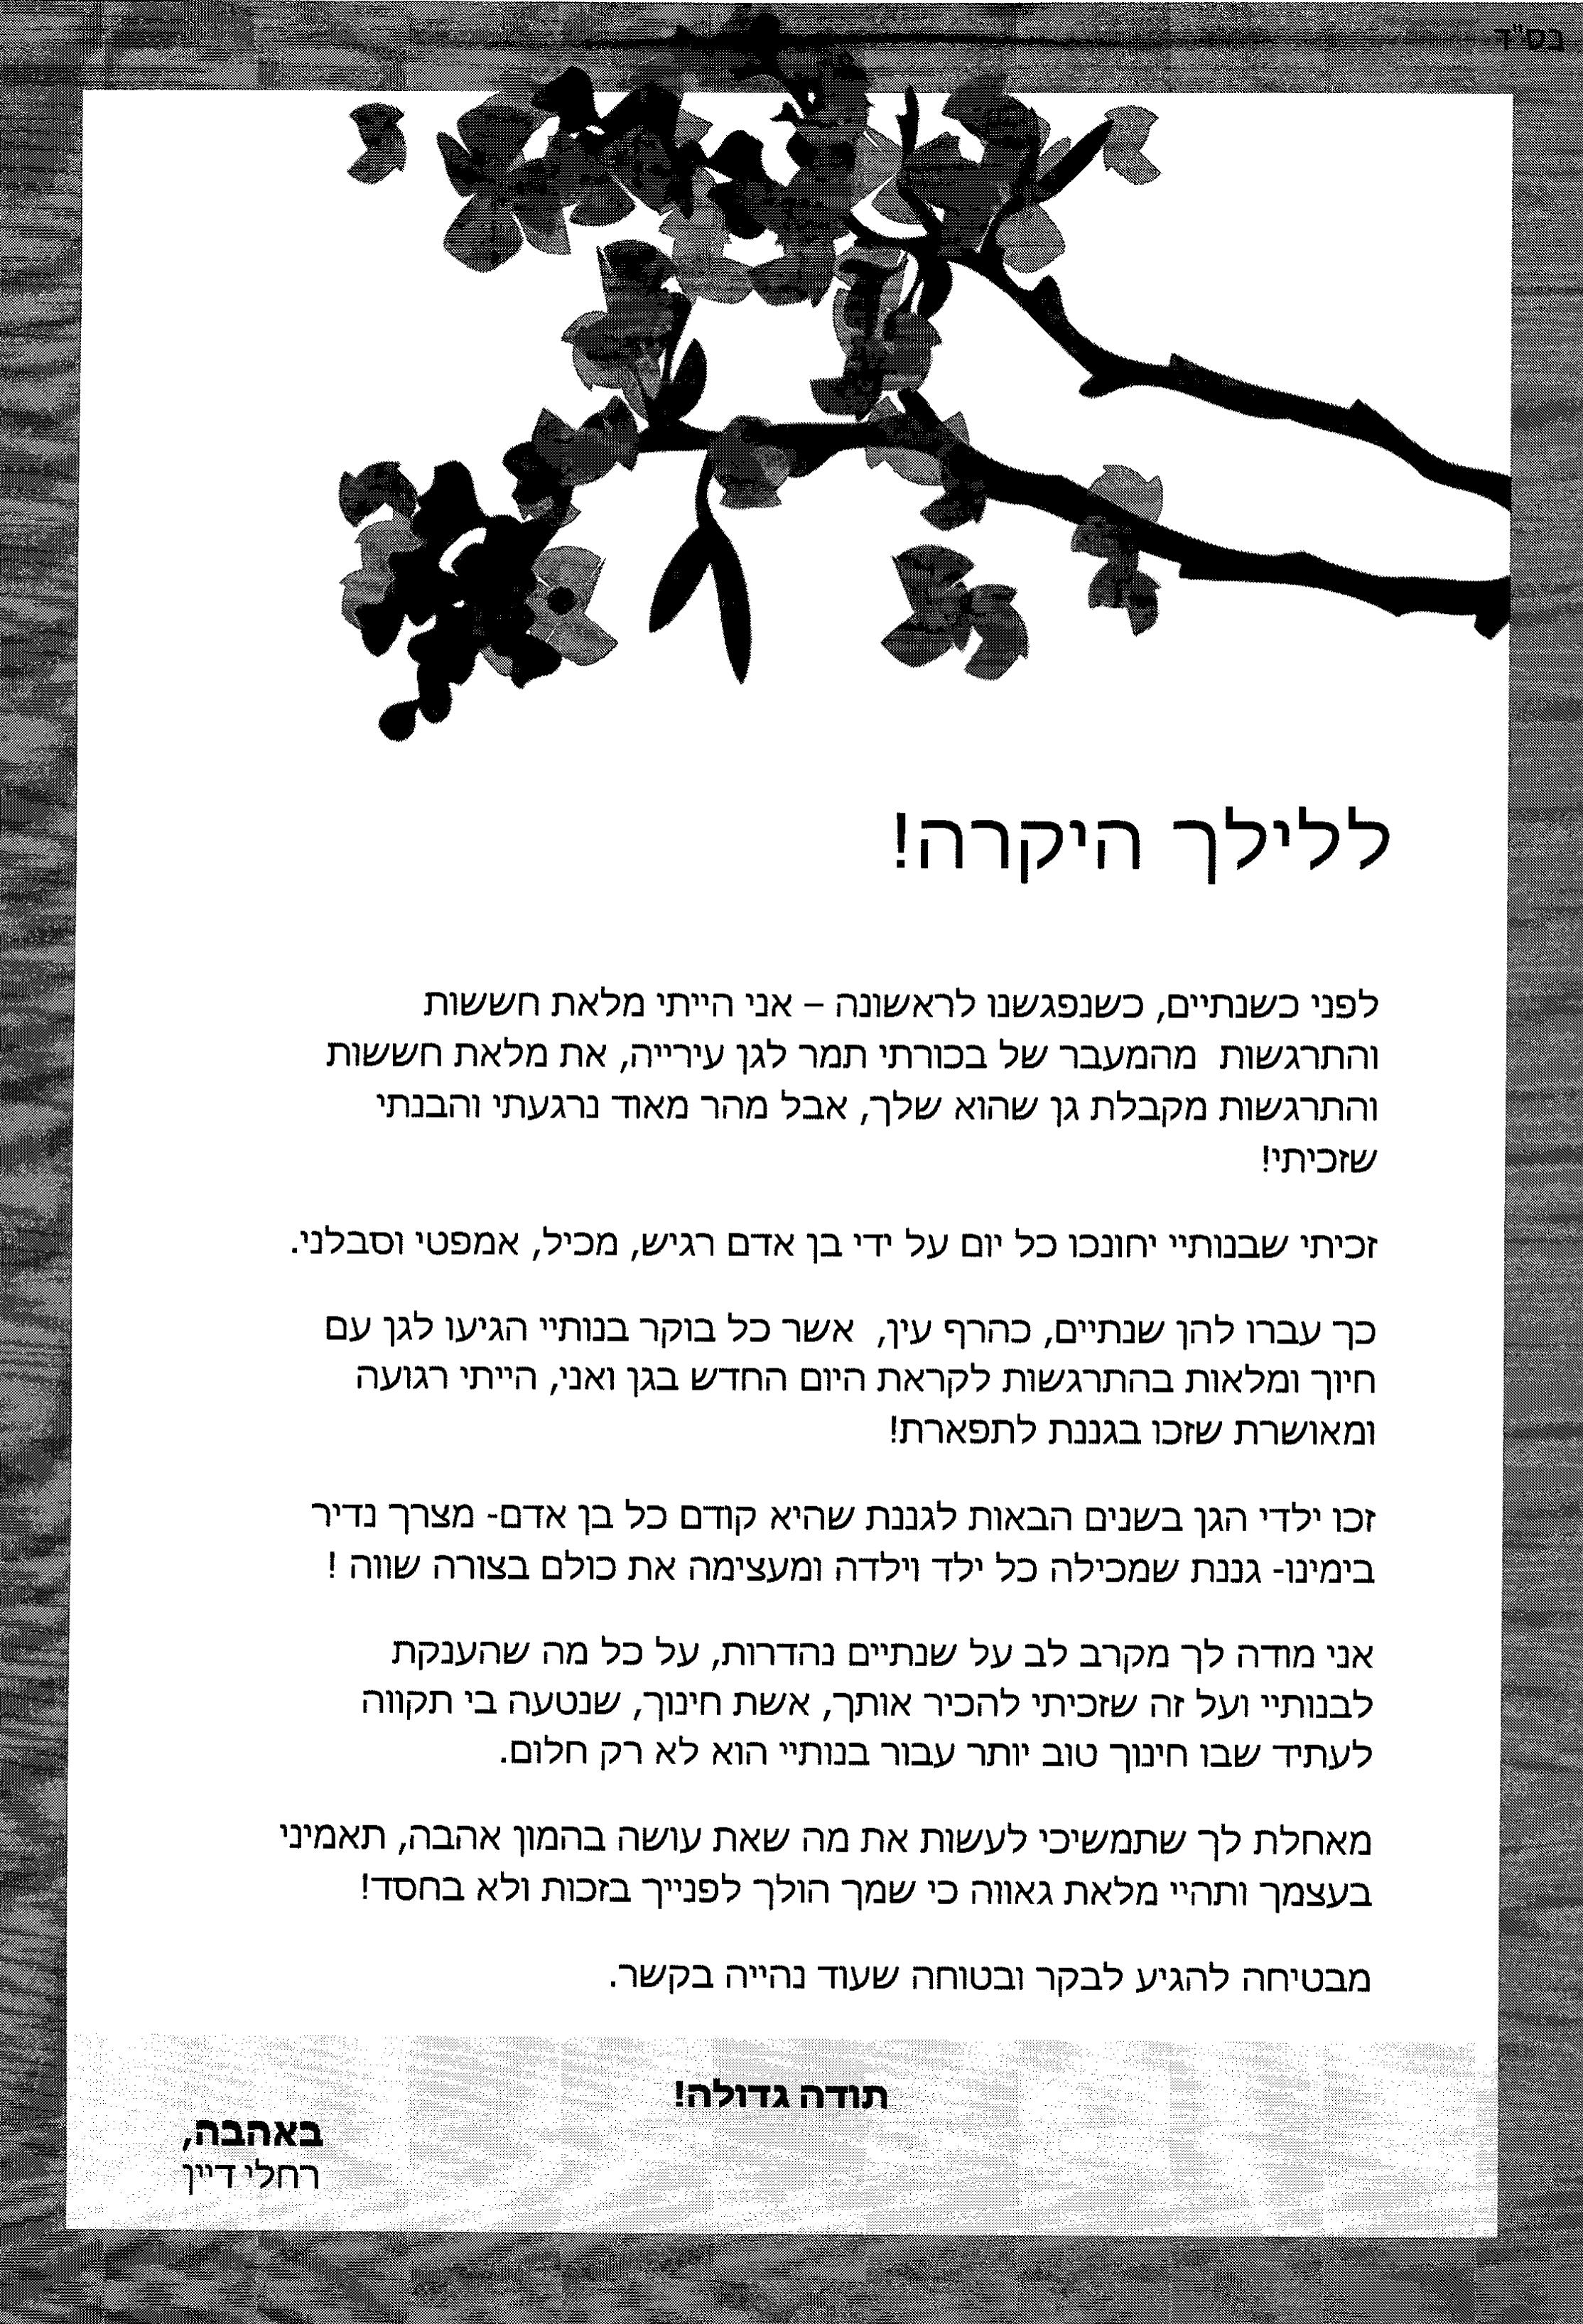 מכתב תודה גן יונה לילך 2